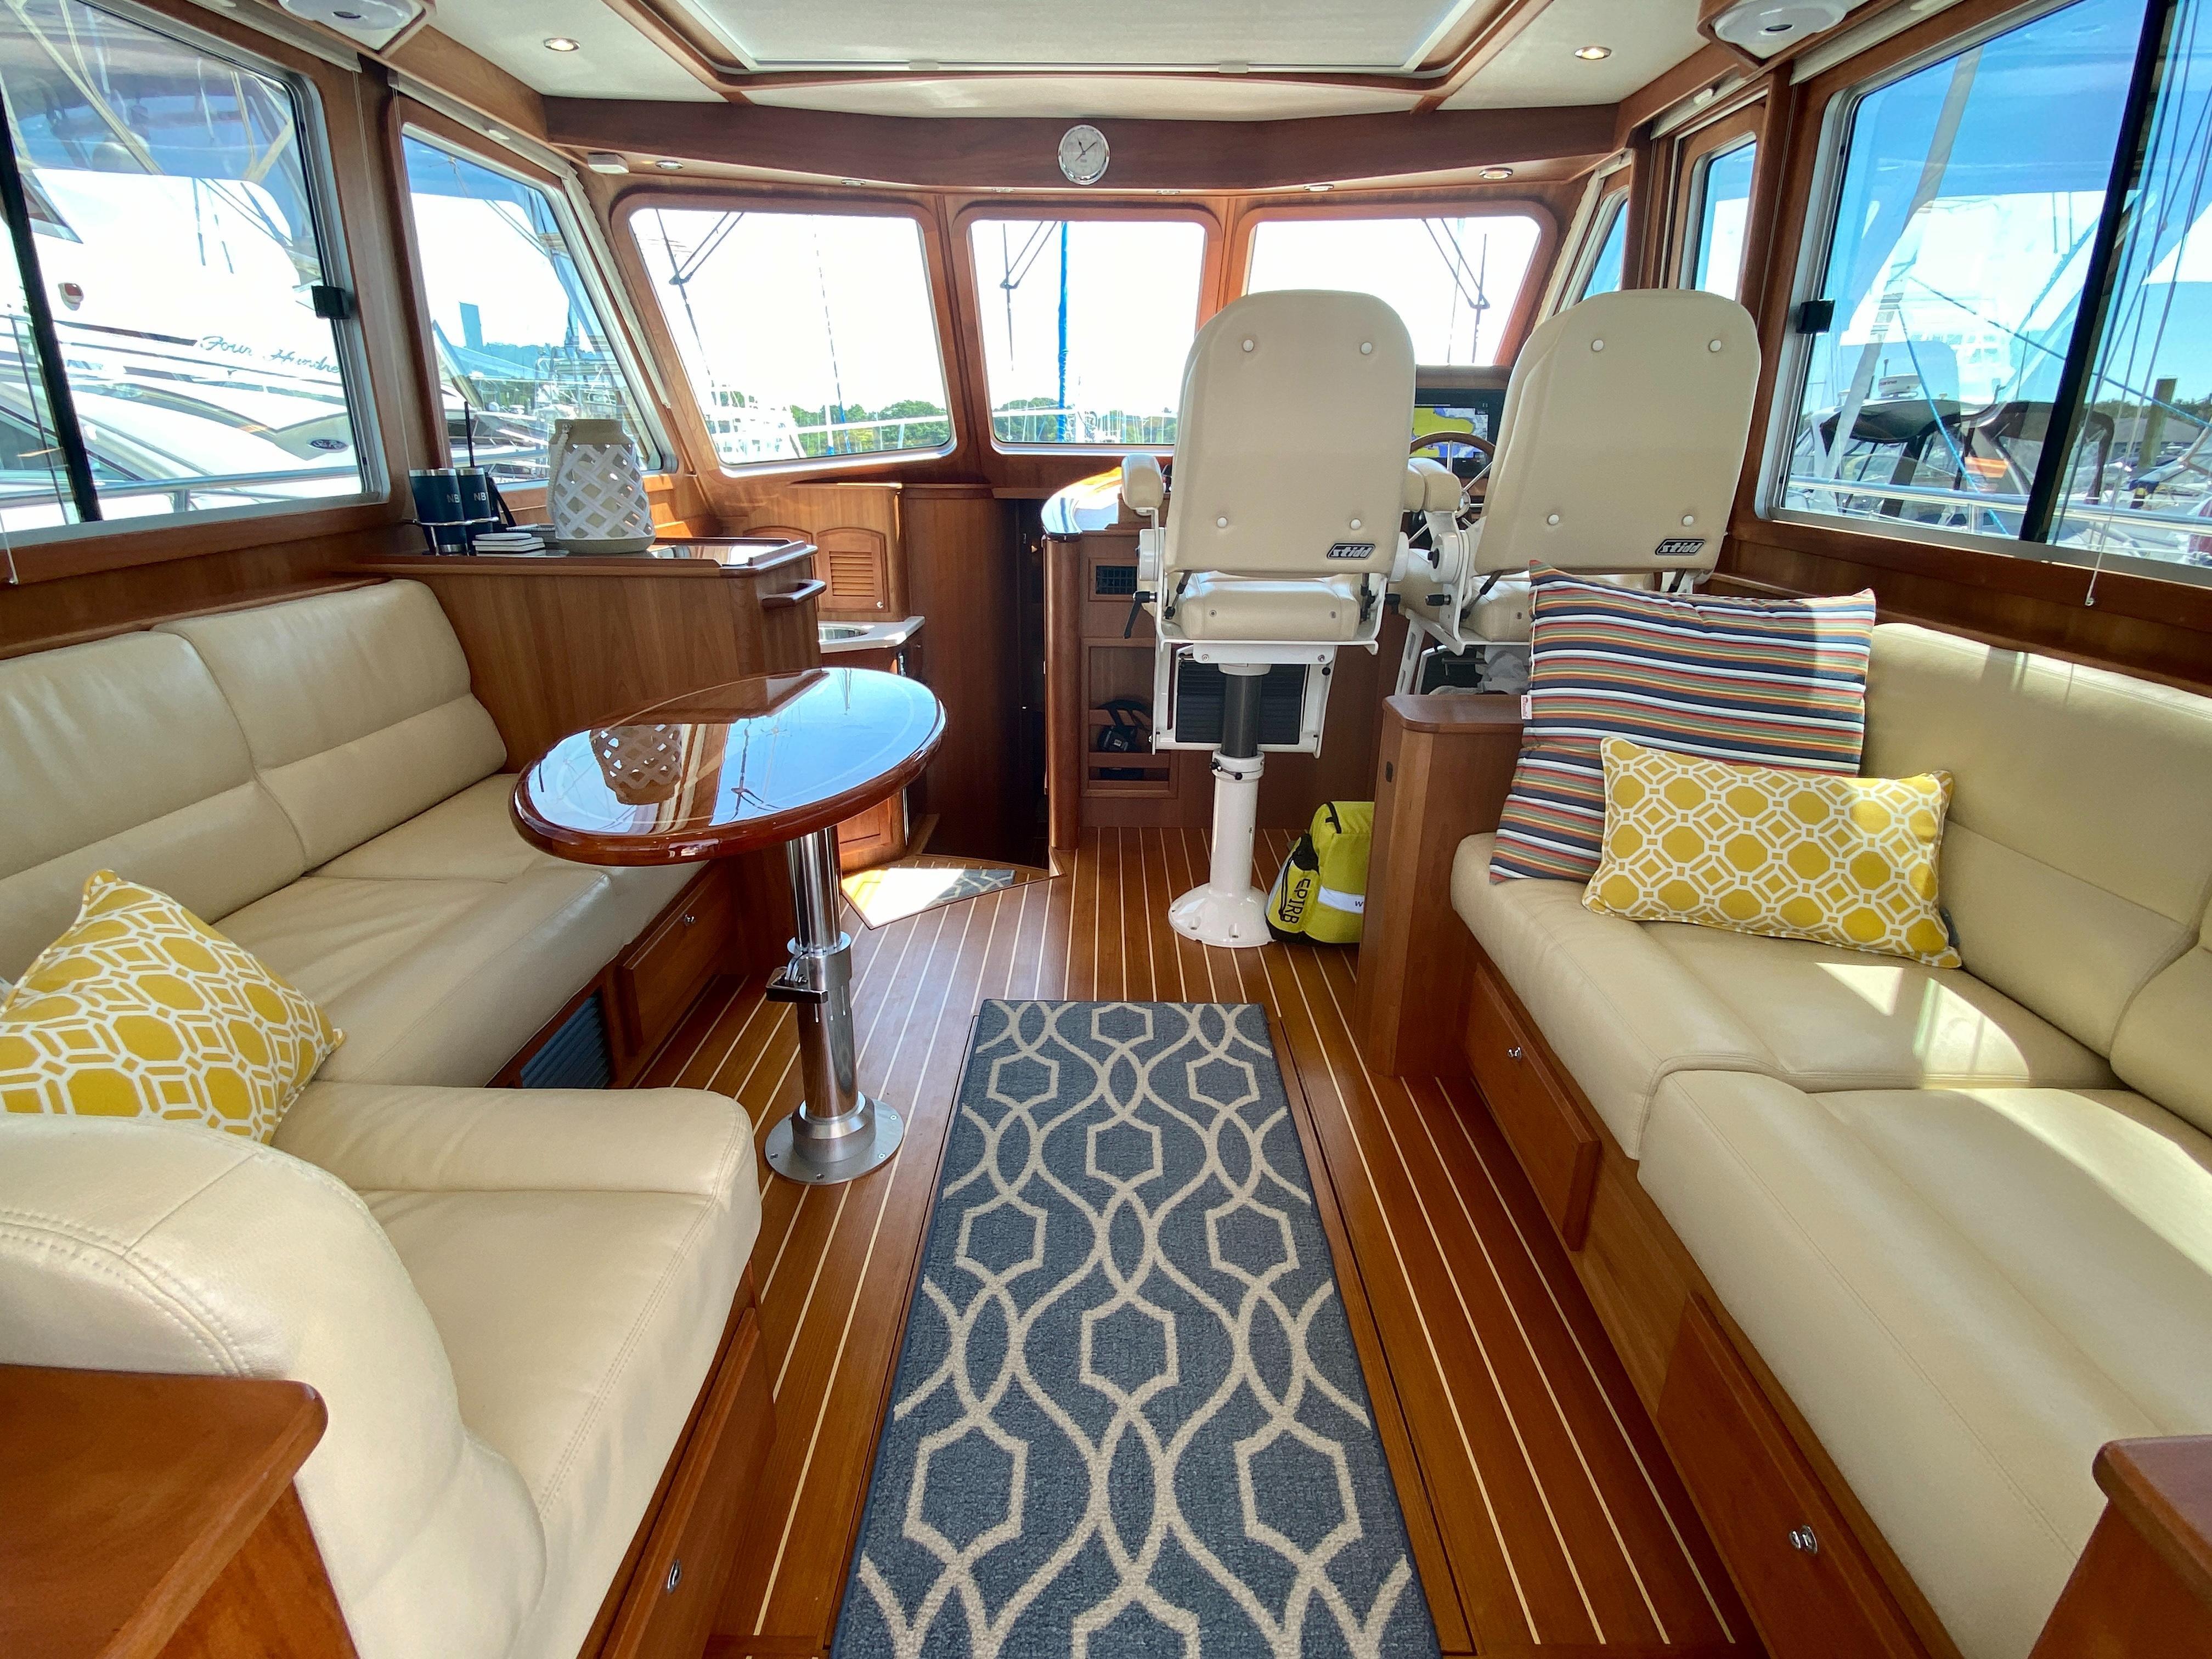 6 Sabre 6 Sabre 6 Salon Express 6 Glen Cove  Denison Yacht Sales